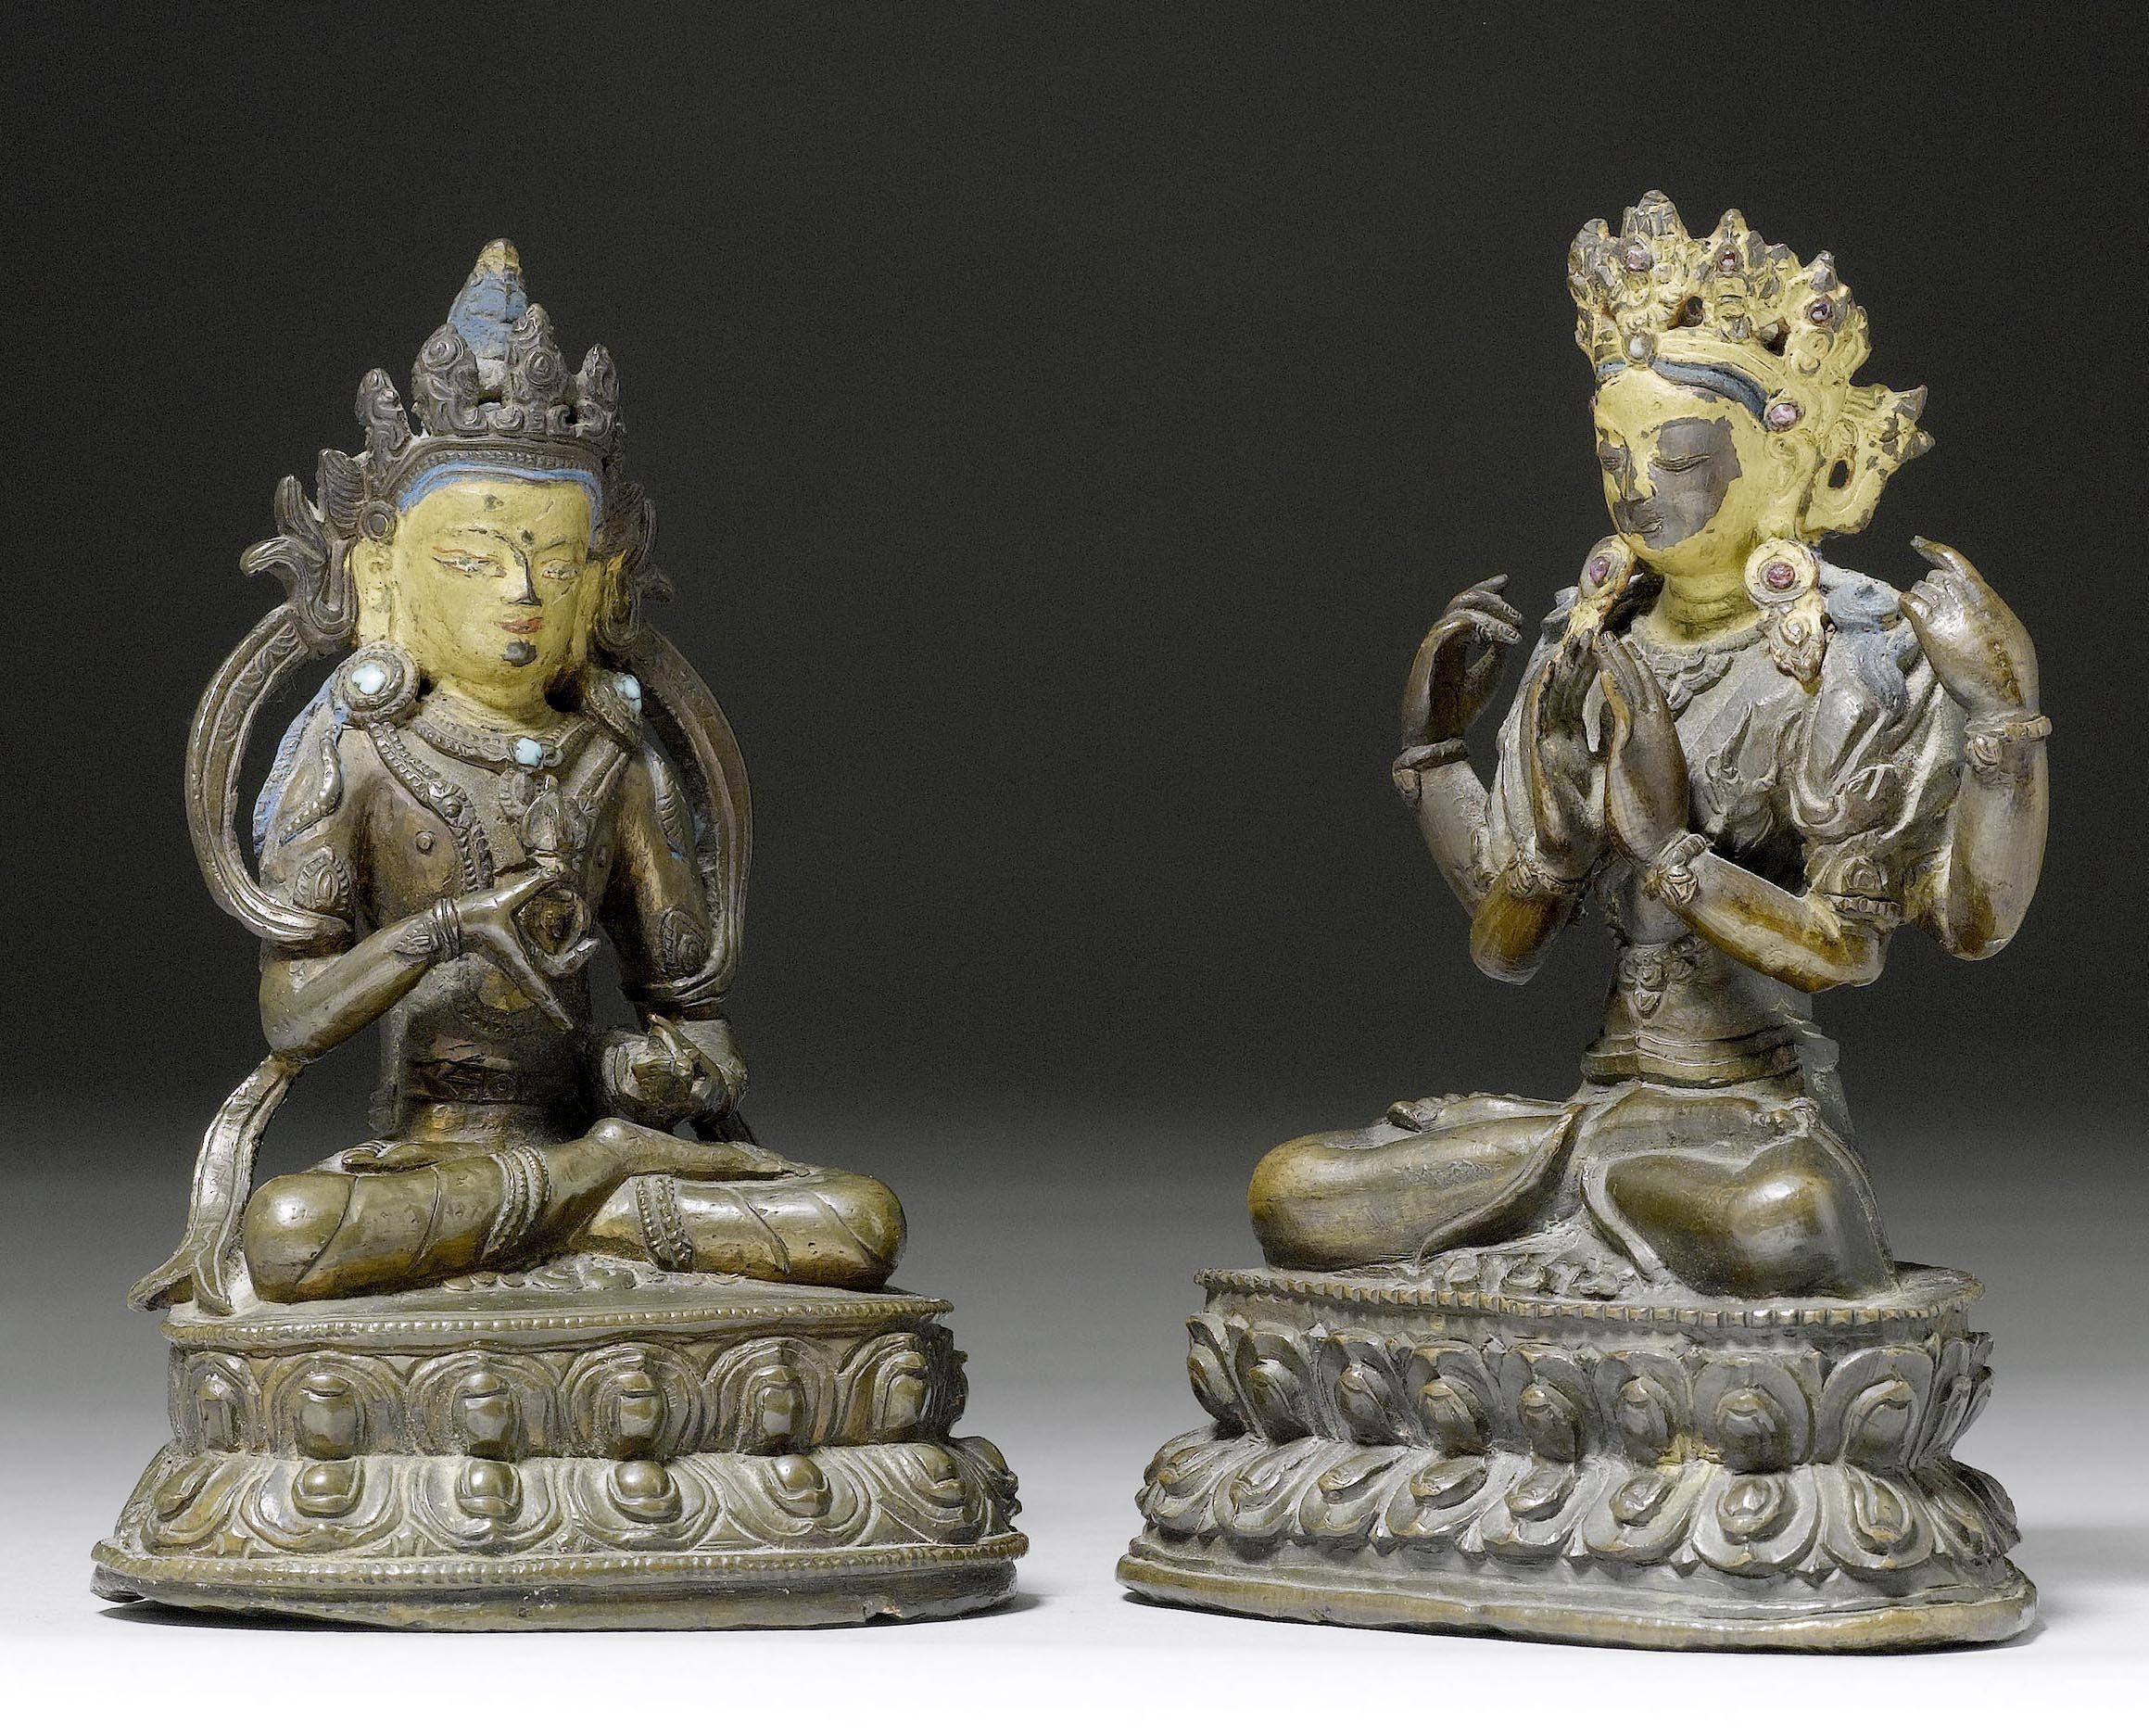 ZWEI SITZENDE GOTTHEITEN. Tibet, 19. Jh. H 13,8-14 cm.